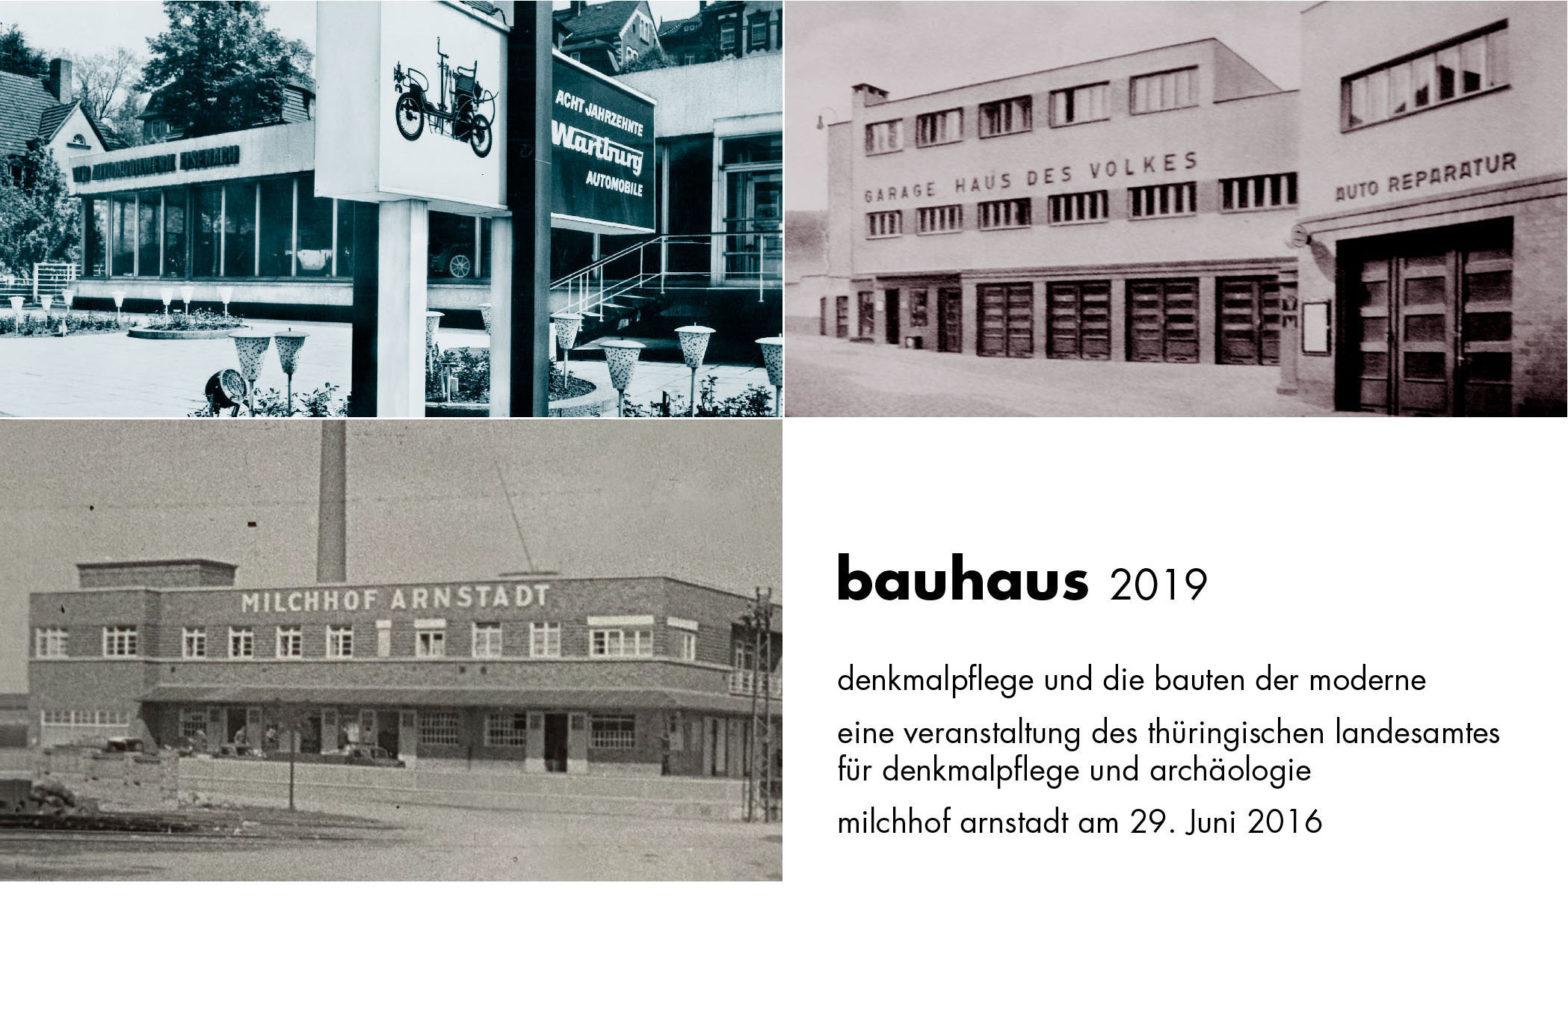 bauhaus 2019 – denkmalpflege und die bauten der modernemilchhof arnstadt, 29. juni 2016 / ankündigung